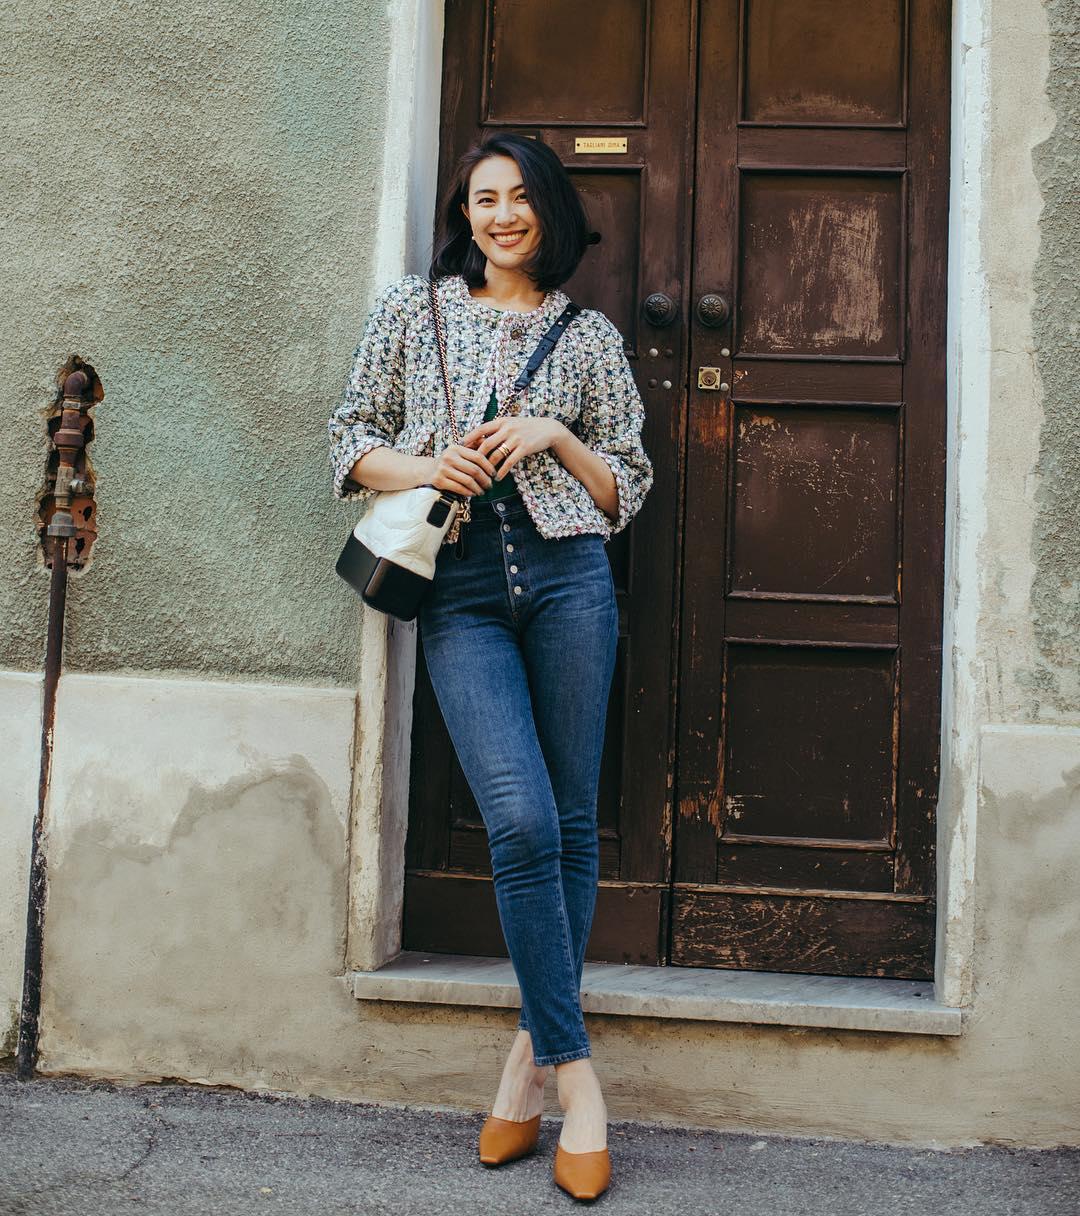 quần jeans với chất liệu vải dày phù giúp che đi những khiếm khuyết cơ thể